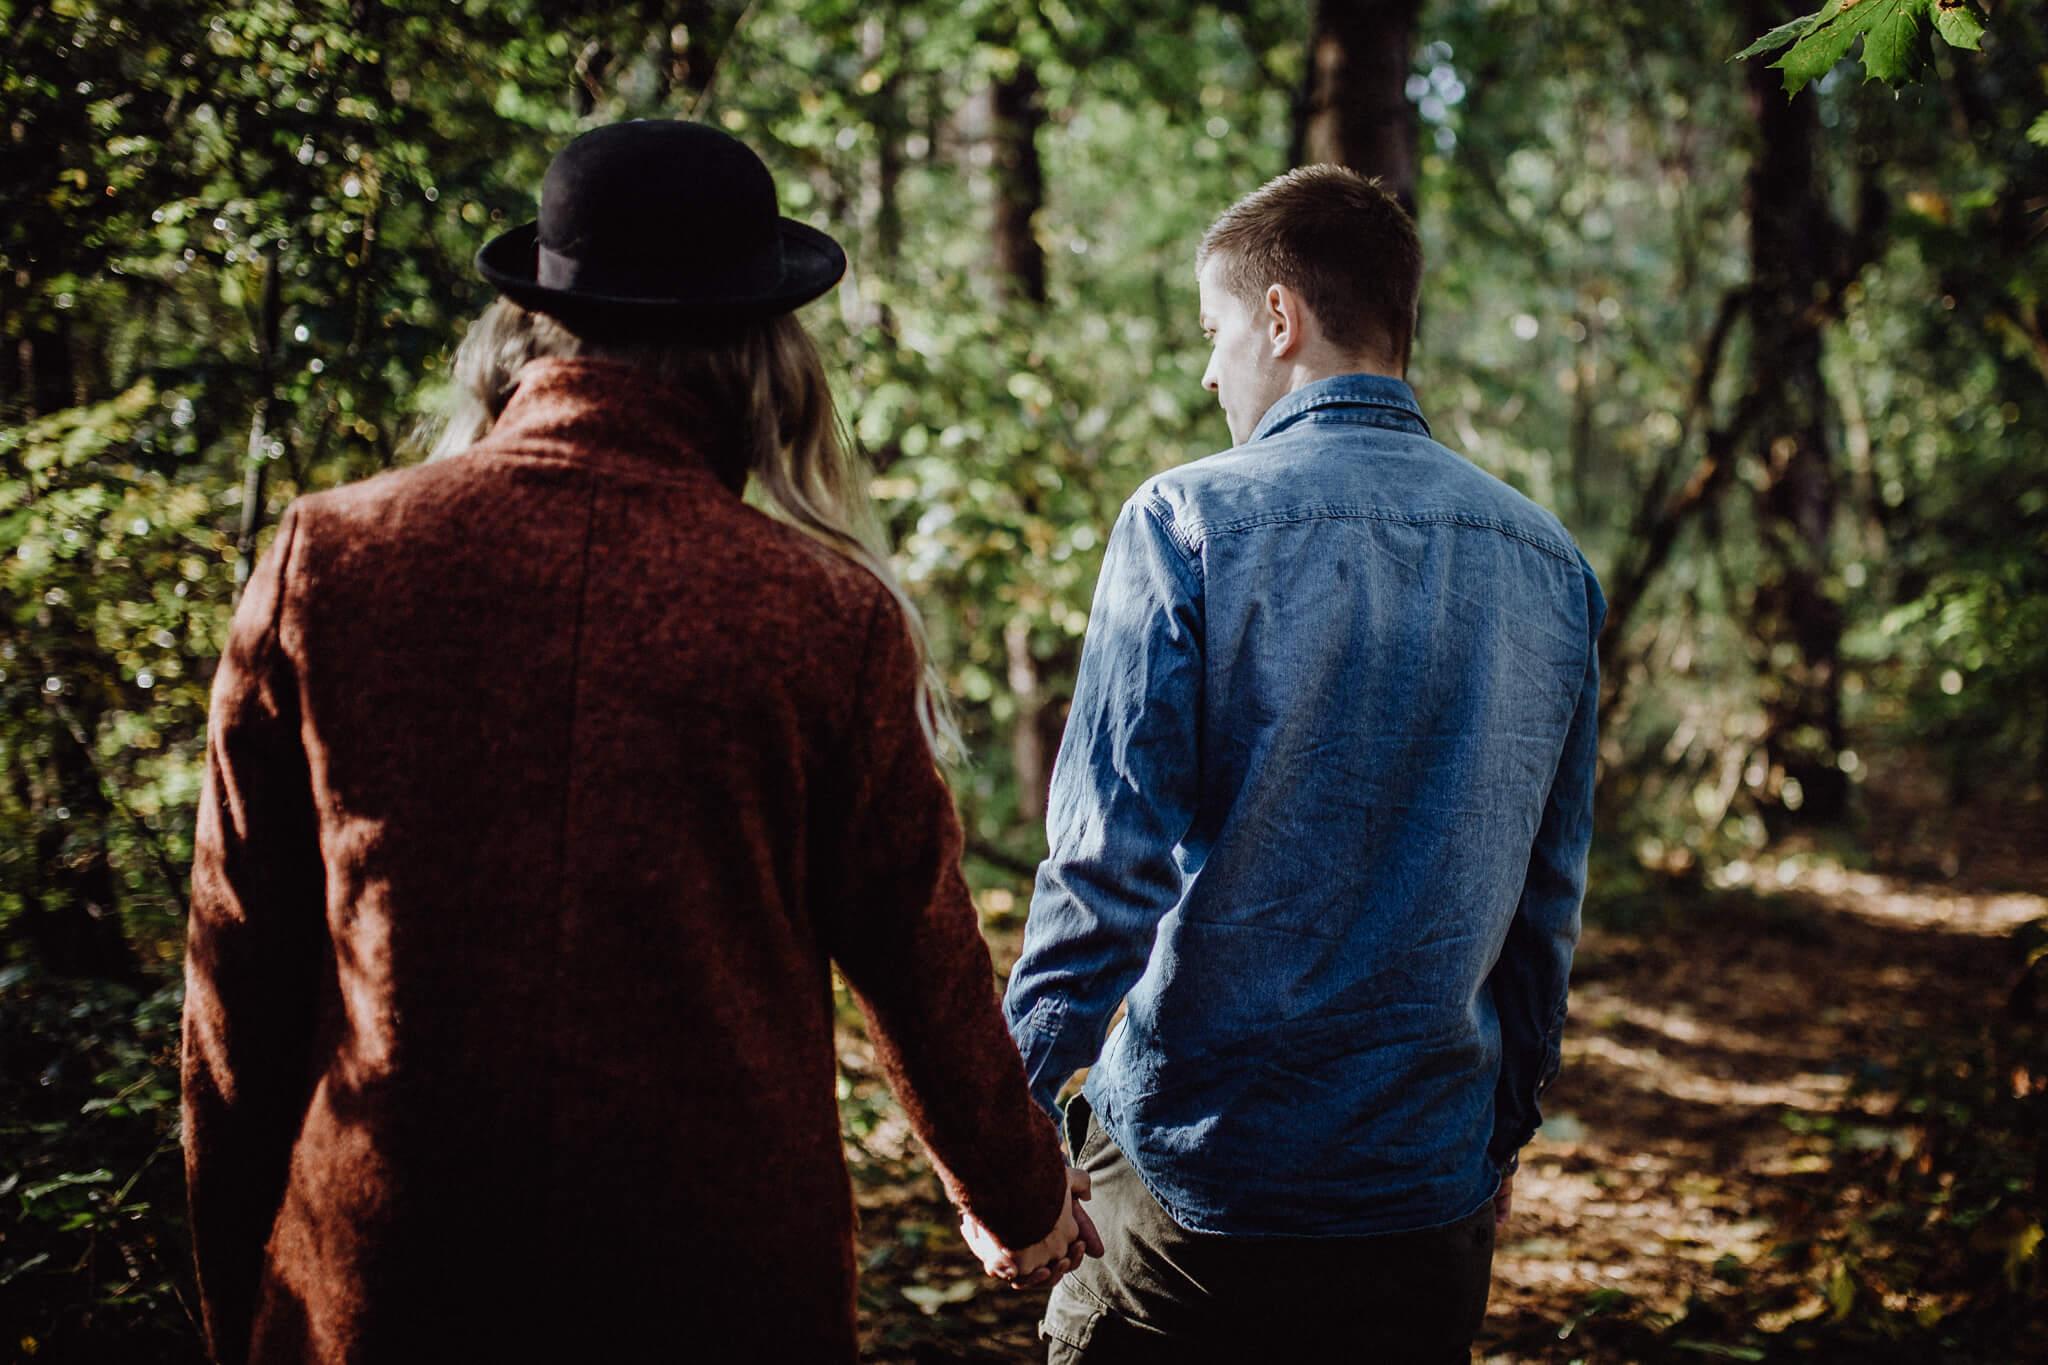 Gemeinsamer Streifzug durch den Wald beim Paarshooting